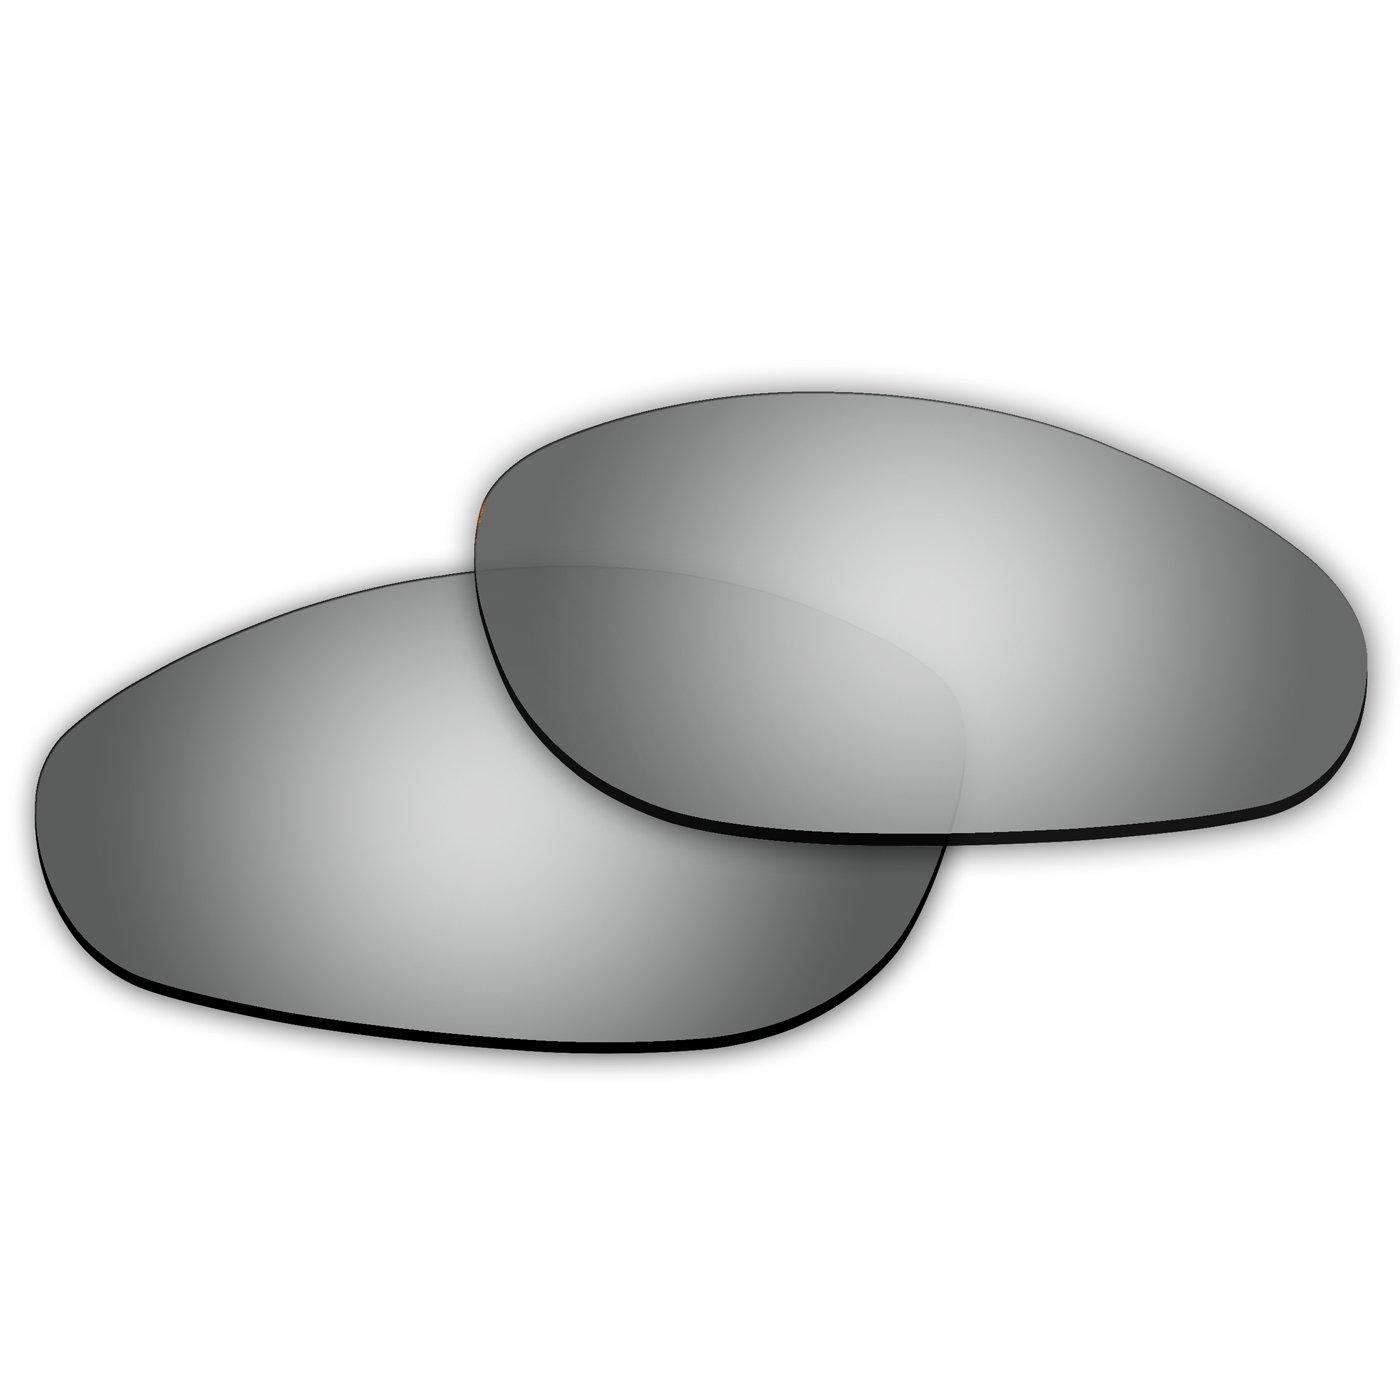 Ungewöhnlich Oakley Ein Draht Silber Bilder - Verdrahtungsideen ...